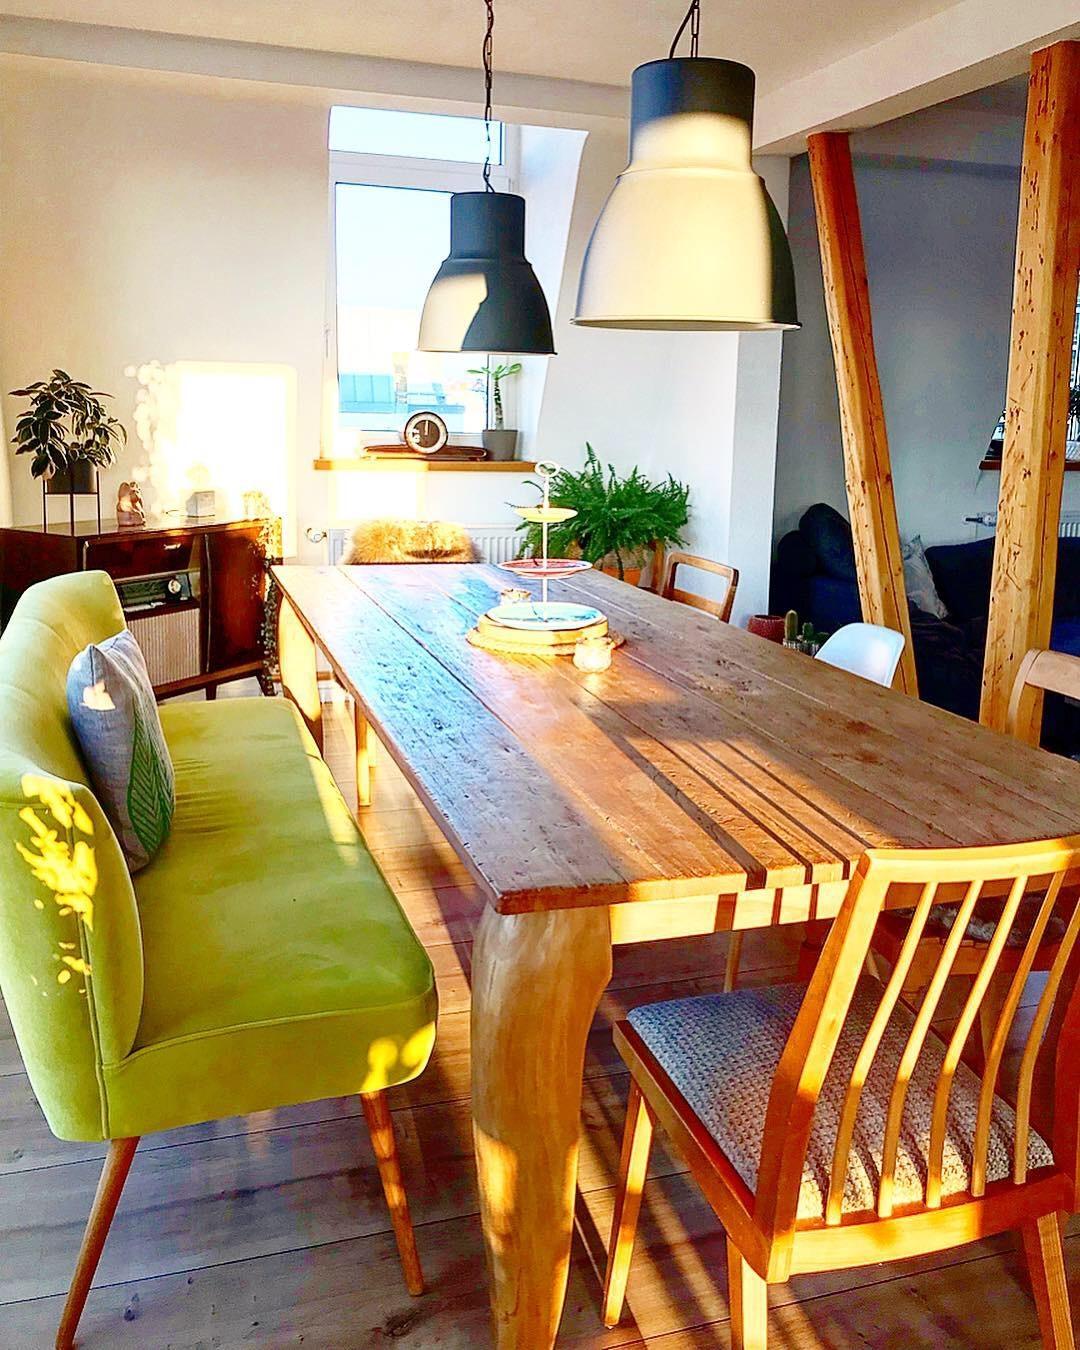 esstisch inspiration ideen die dir schmecken. Black Bedroom Furniture Sets. Home Design Ideas